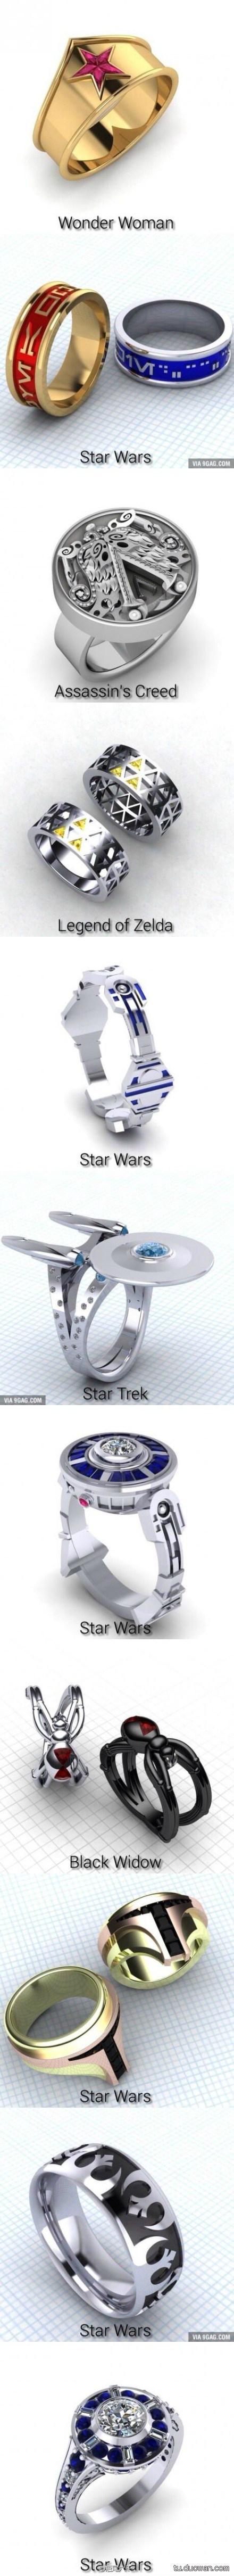 死宅们的结婚戒指 遇见这种技术宅就嫁了吧!